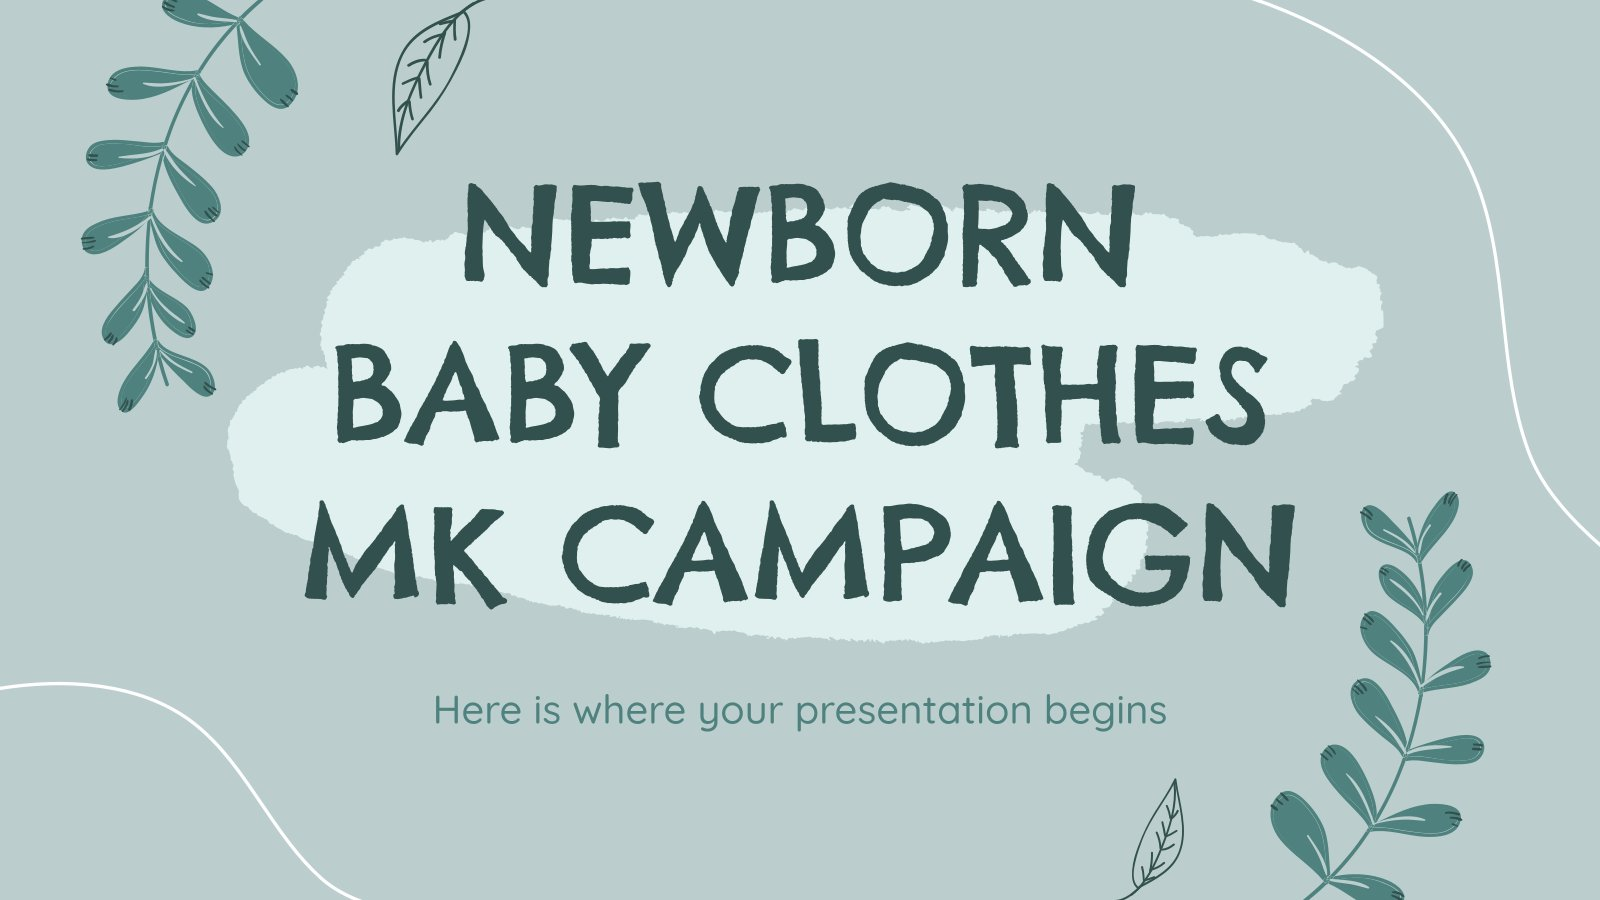 Campagne marketing sur les vêtements pour nouveau-nés : Modèles de présentation